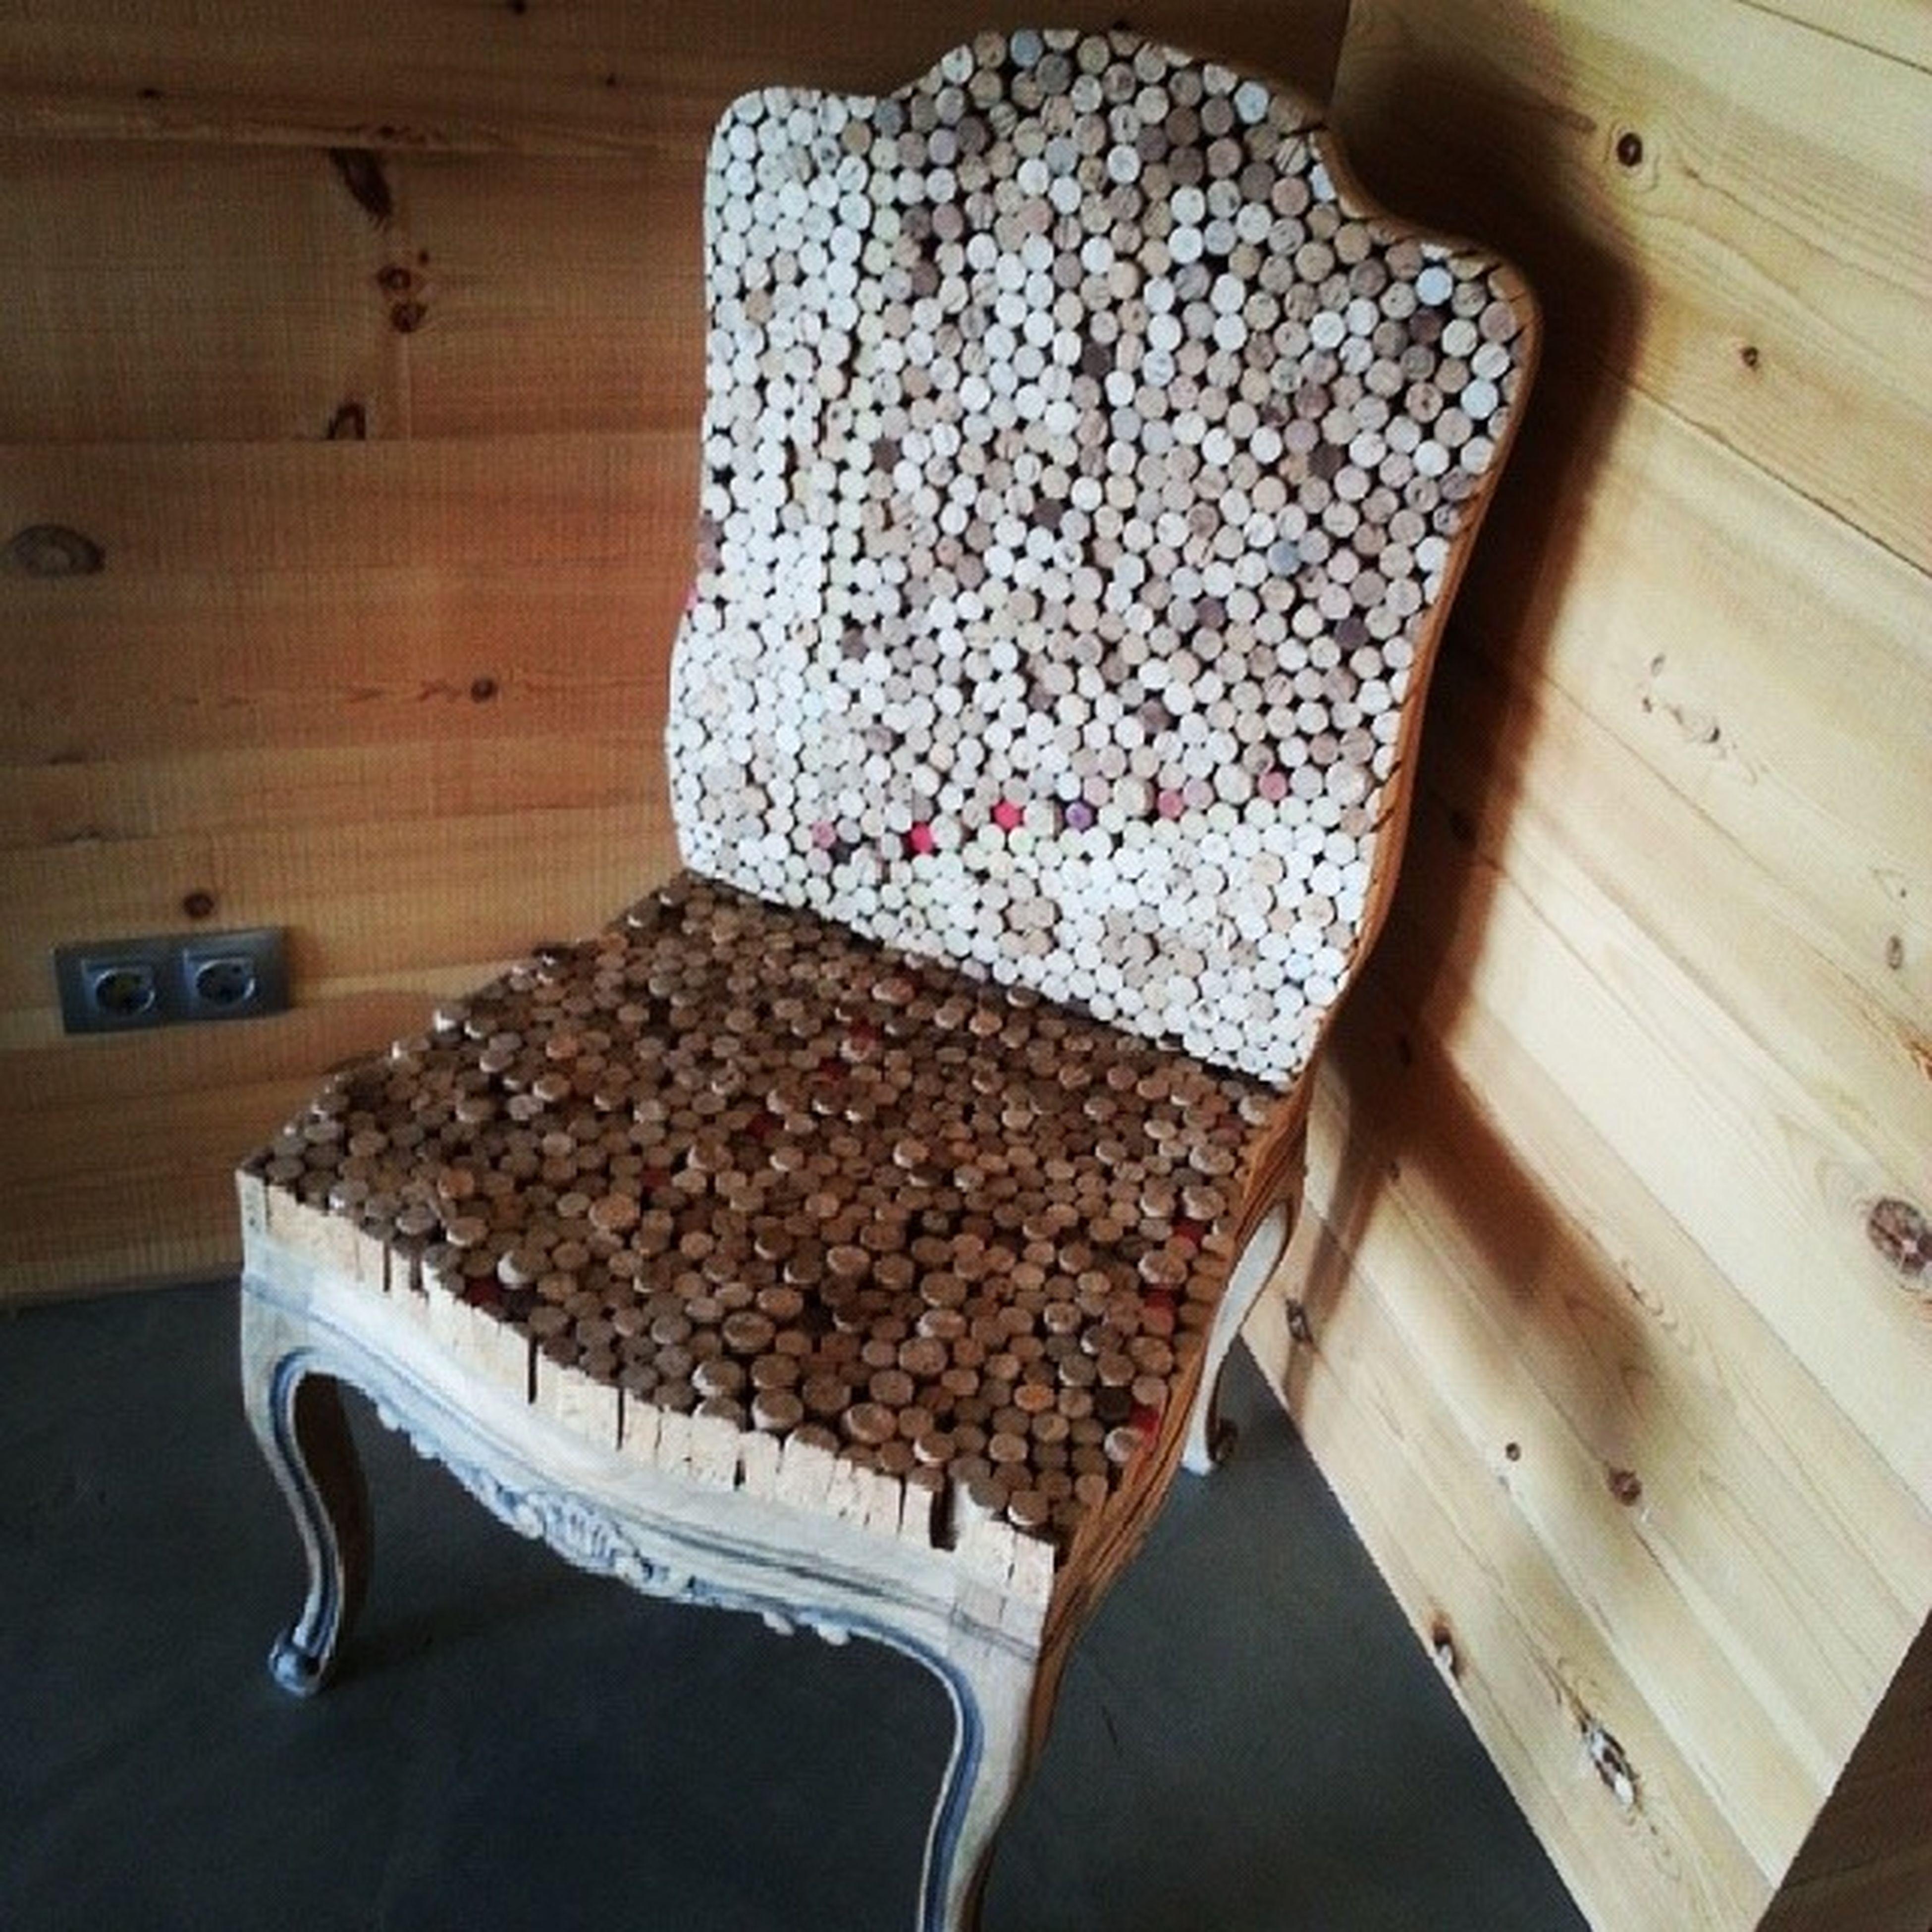 (La silla esta en la Bodega @dehesadeLuna) Algún día me haré una Silla igual... el Tapizado (corcho) de Botella de Vino lo tengo... ahora me falta la silla y lo más preciado: Tiempo .